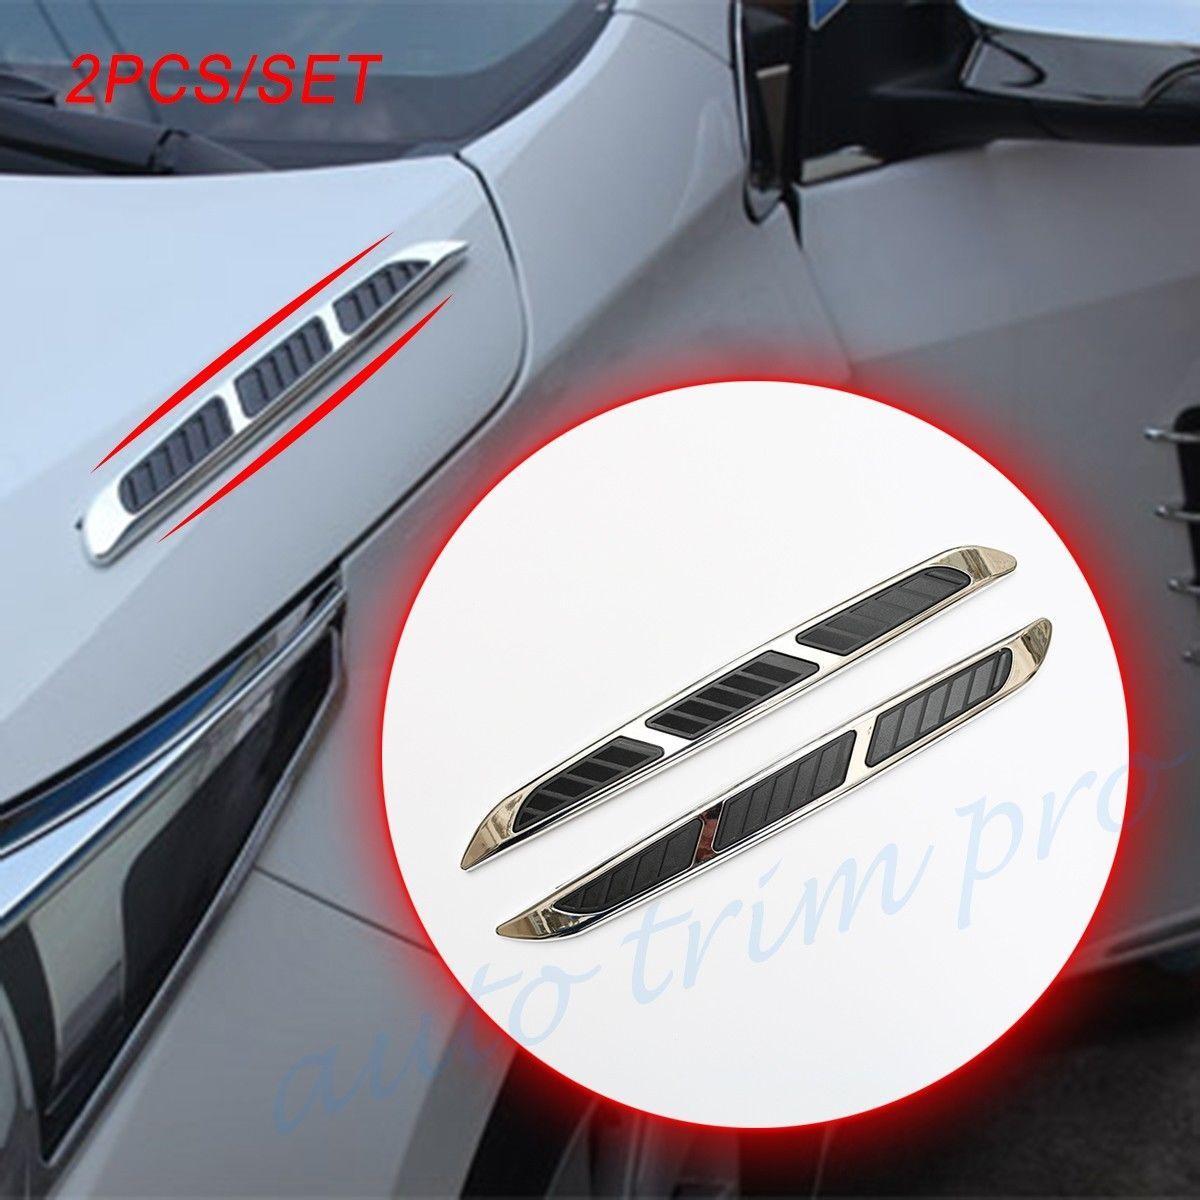 2X Chrome Auto Autocarri Auto Stampaggio Accessori Front Side corpo bordo Fender flusso Air Vent Fender Decal Sticker Cover Stripes Decoration